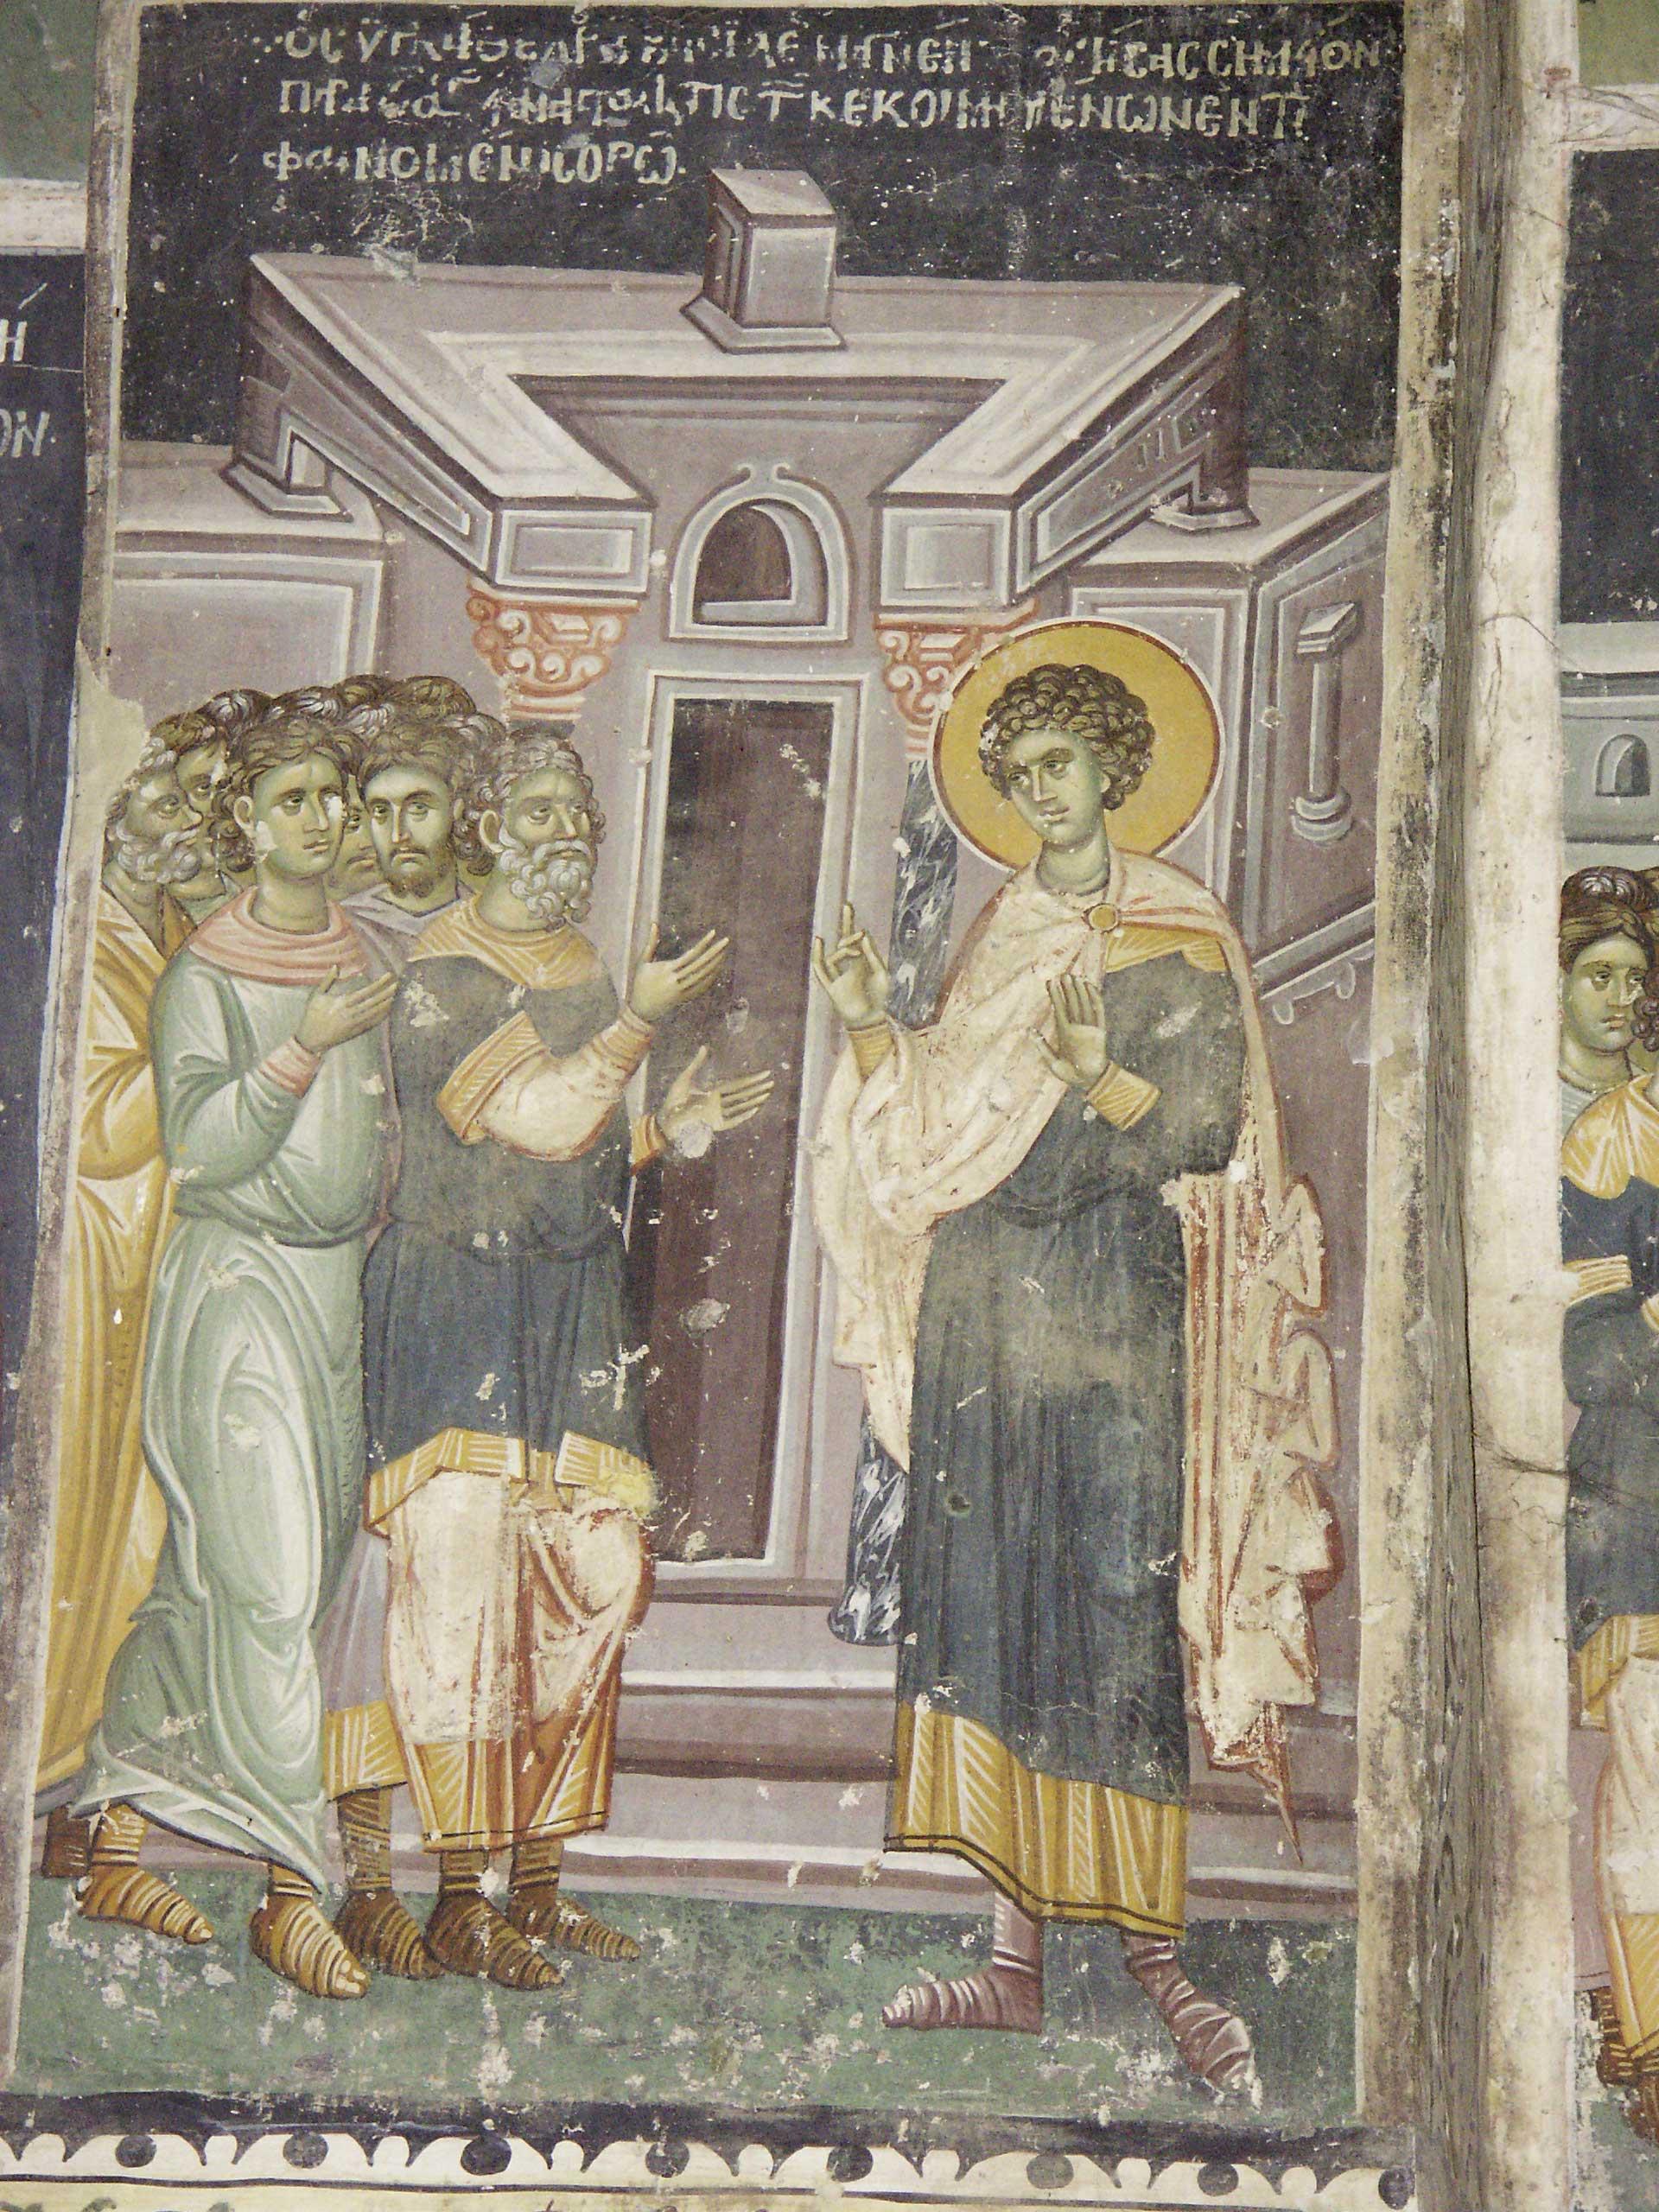 Святой Георгий раздает свое имущество (?)